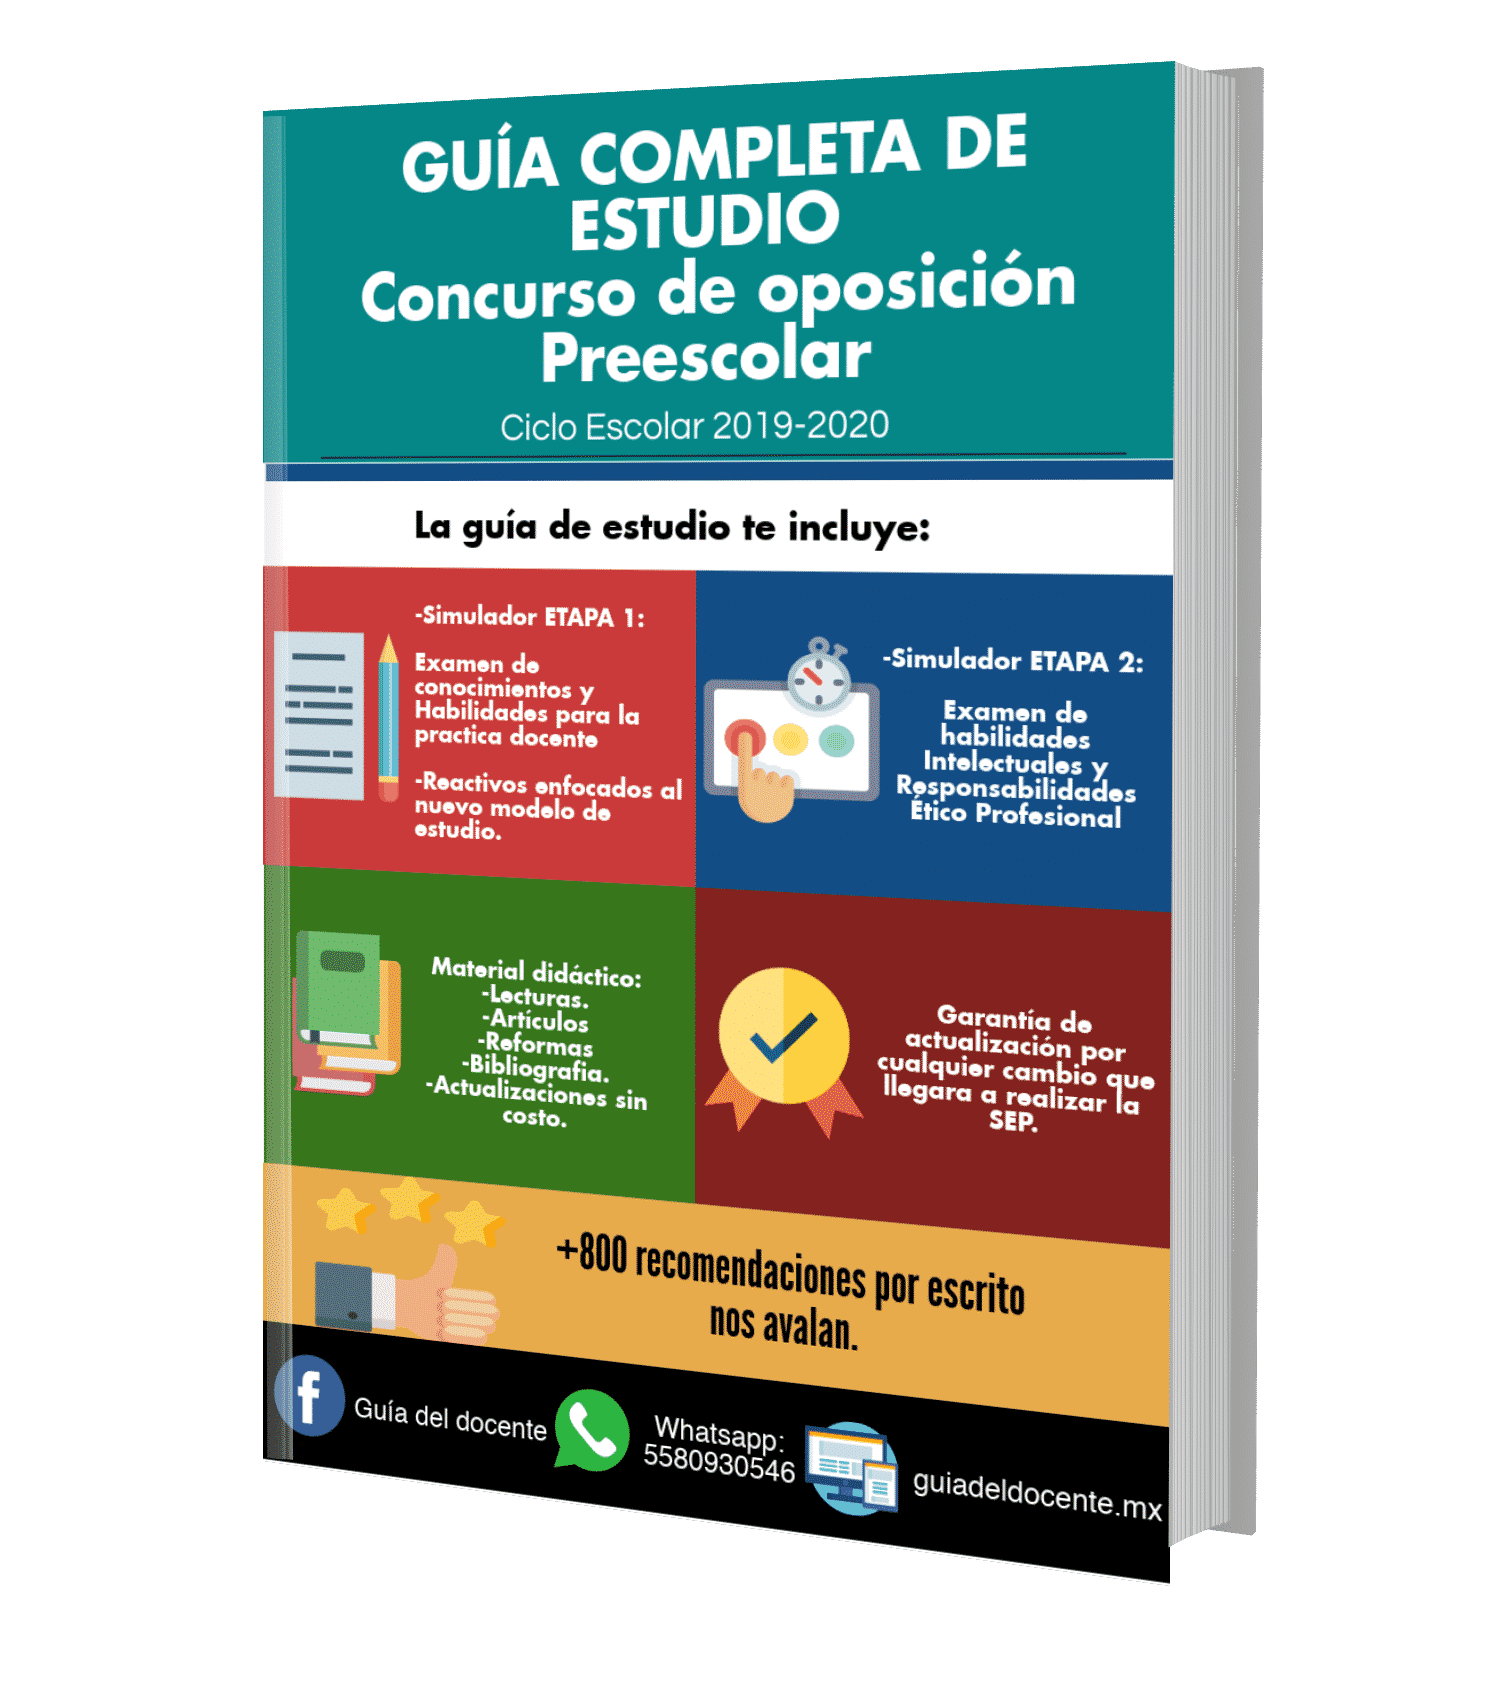 Concurso oposición Preescolar 2019